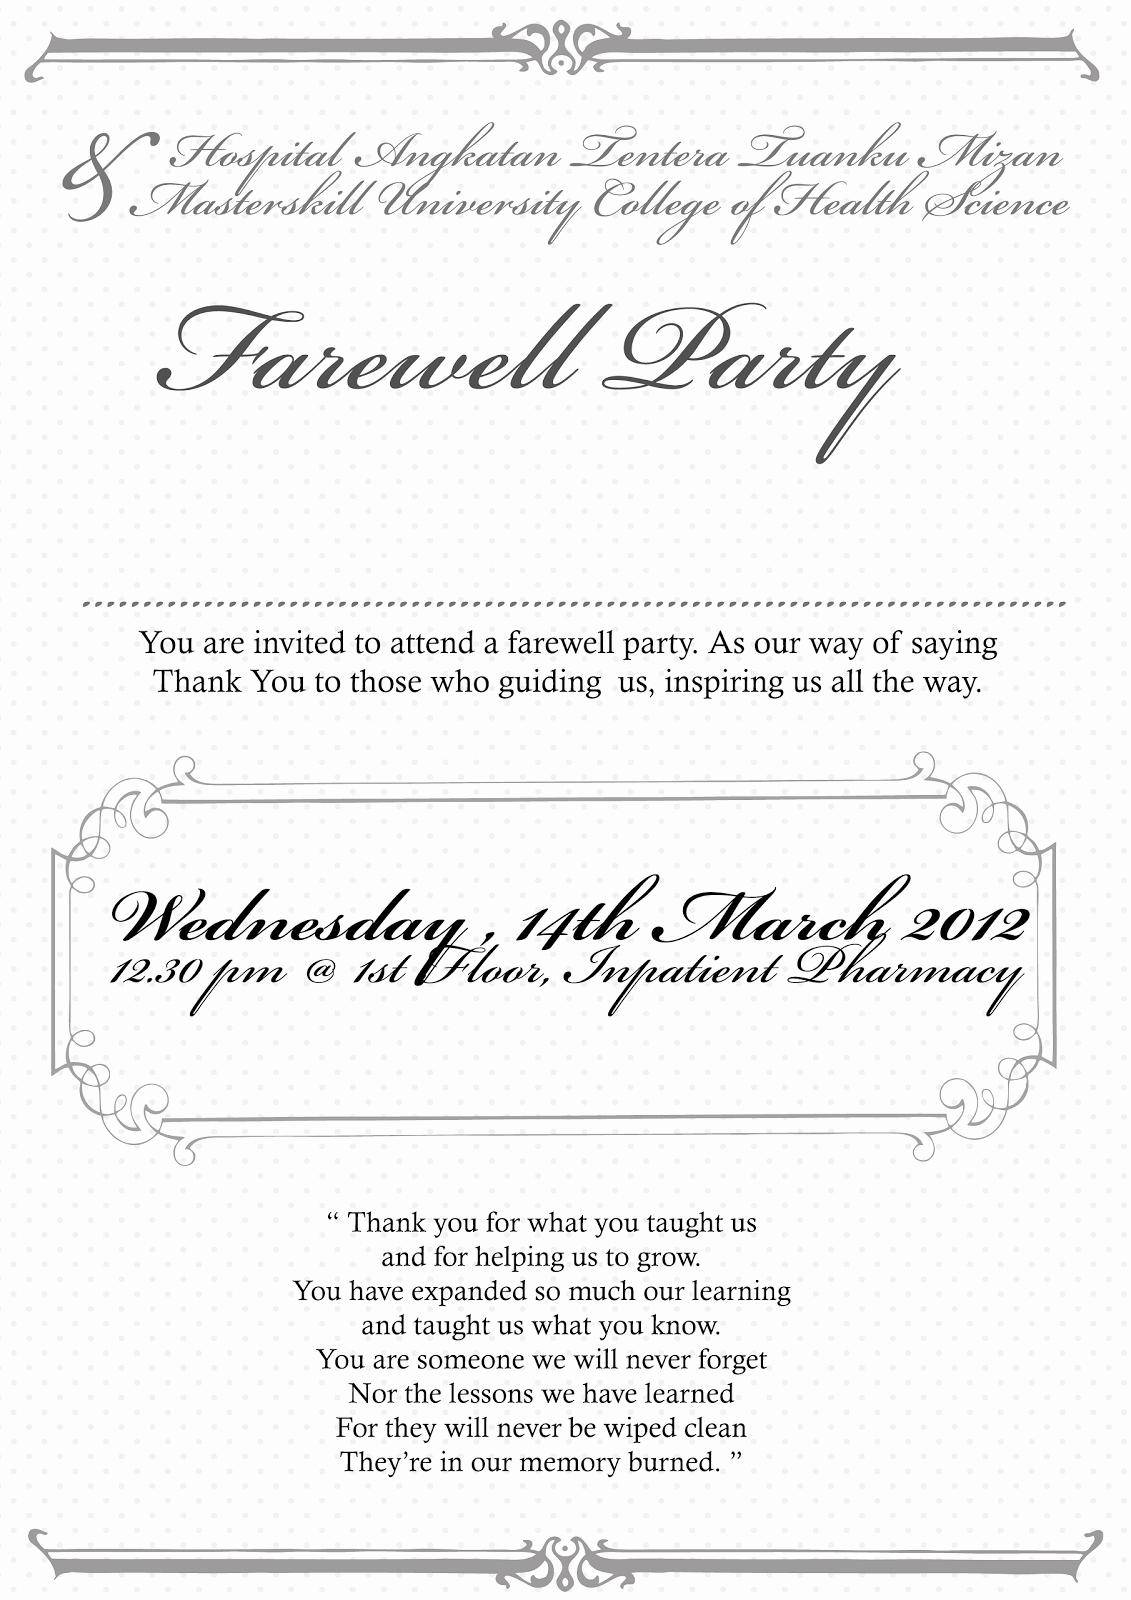 Farewell Party Invitation Wording Unique thebigtree Invitation Card Farewell Party